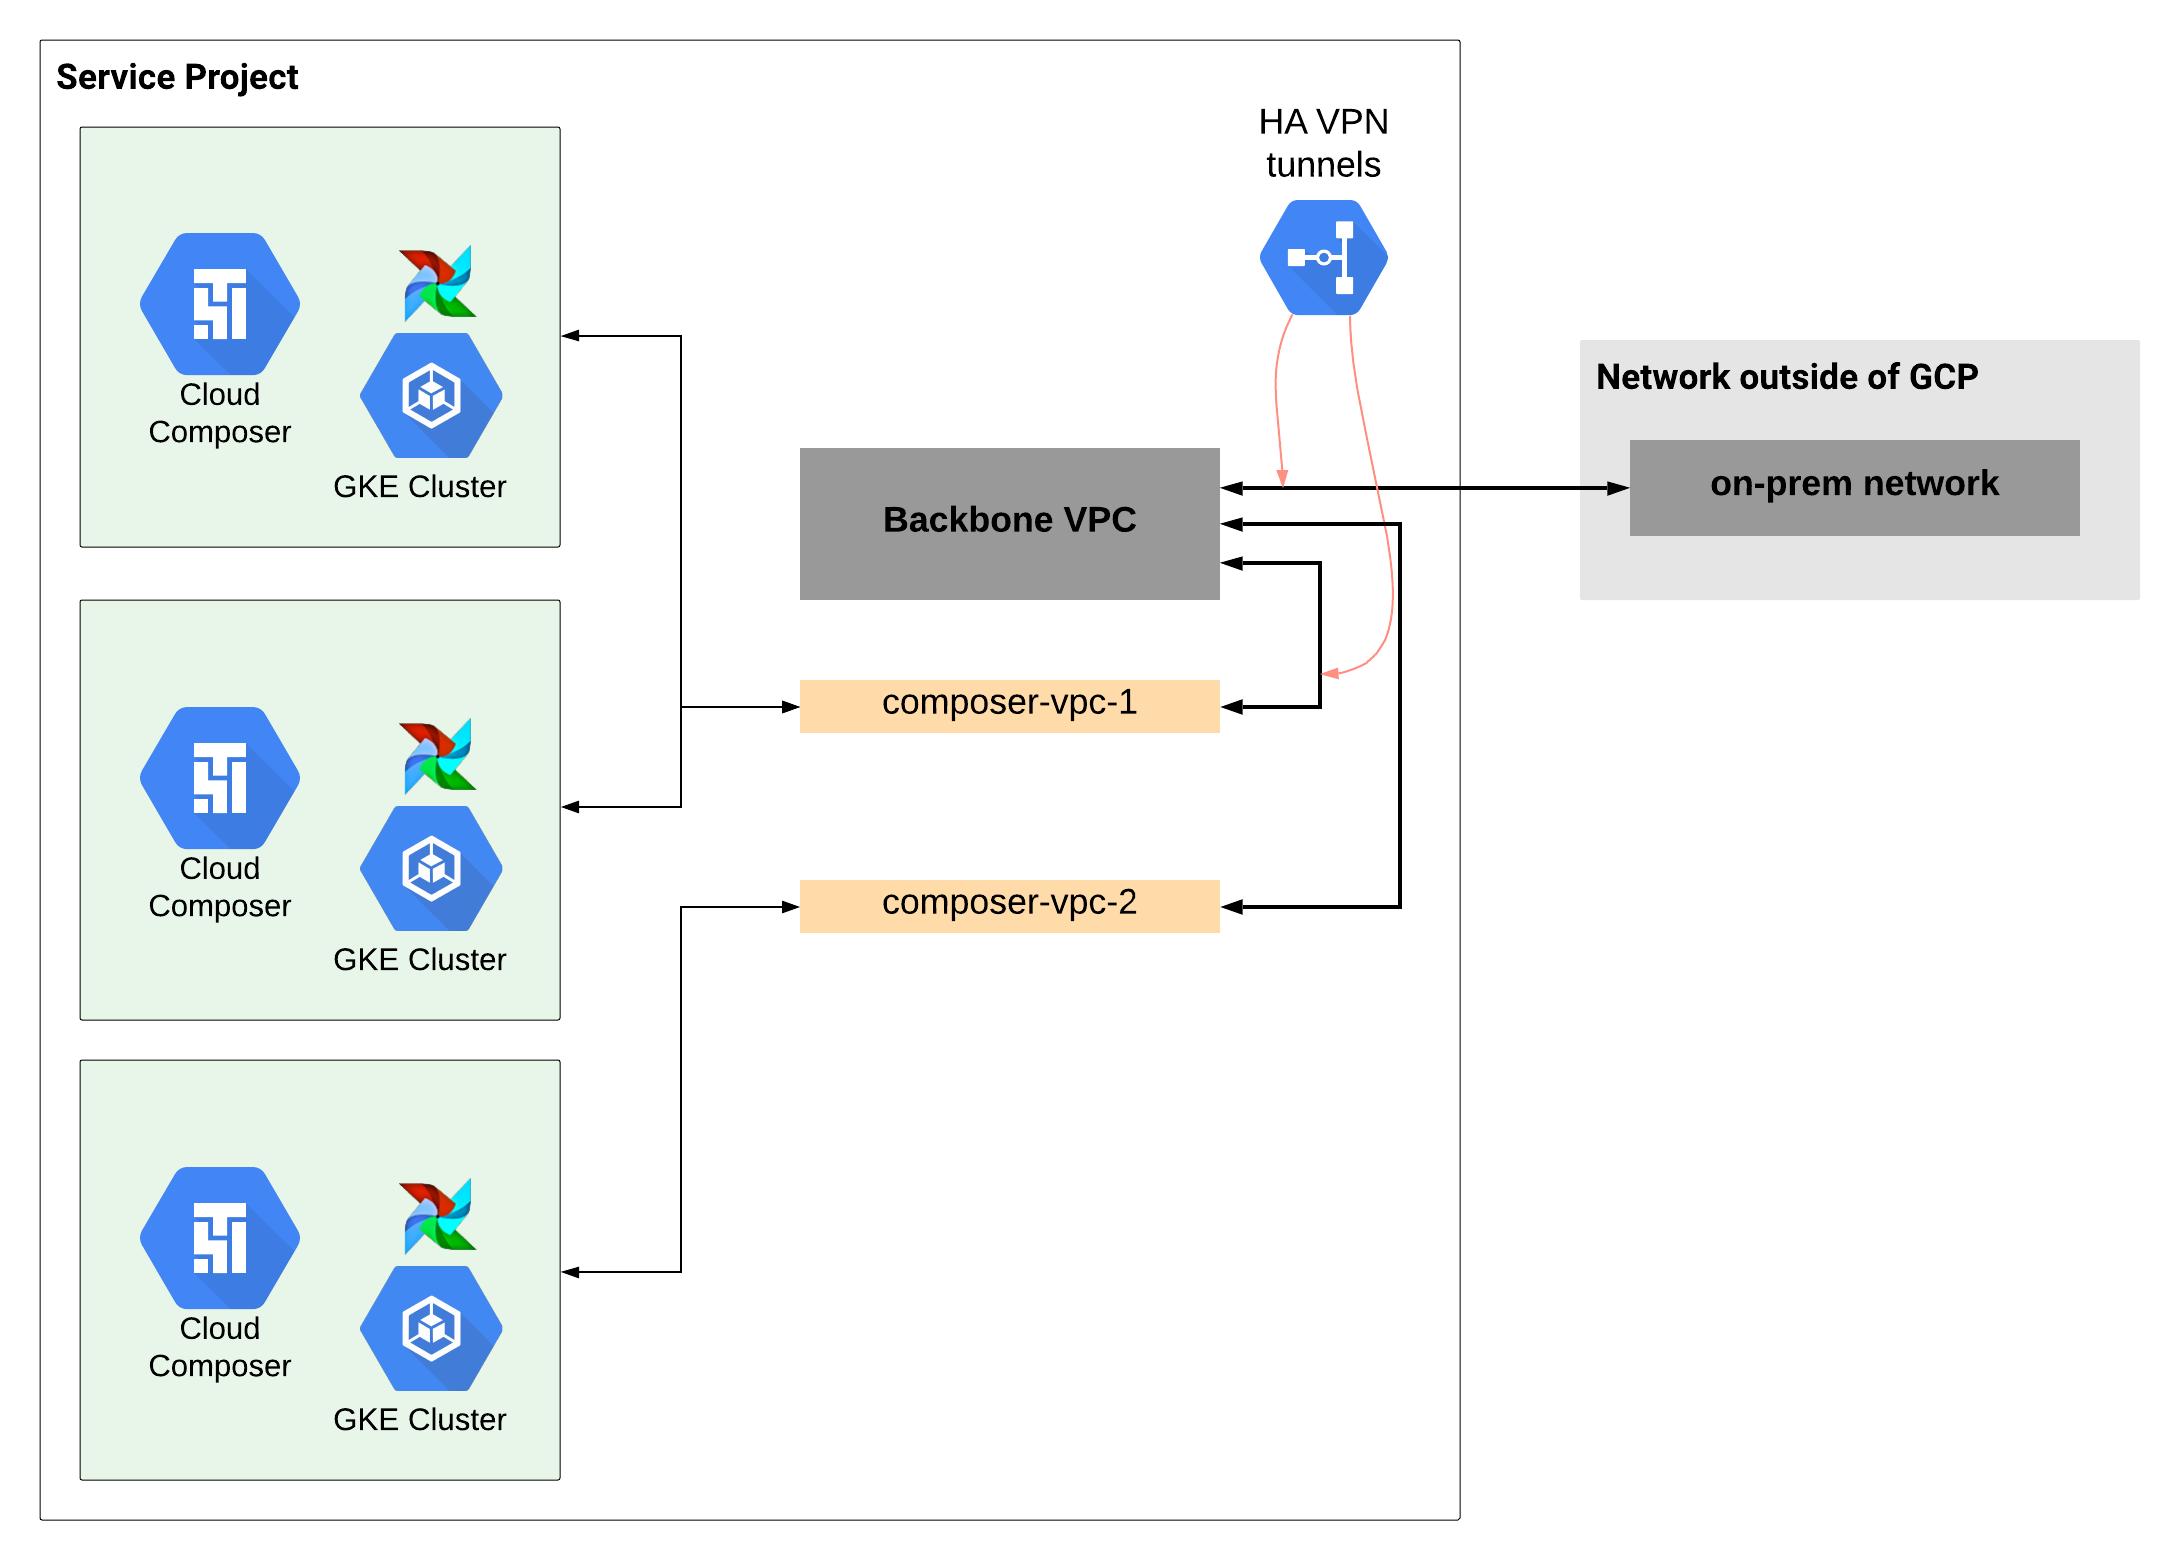 비공유 VPC 시나리오에서 대규모 네트워크 설정